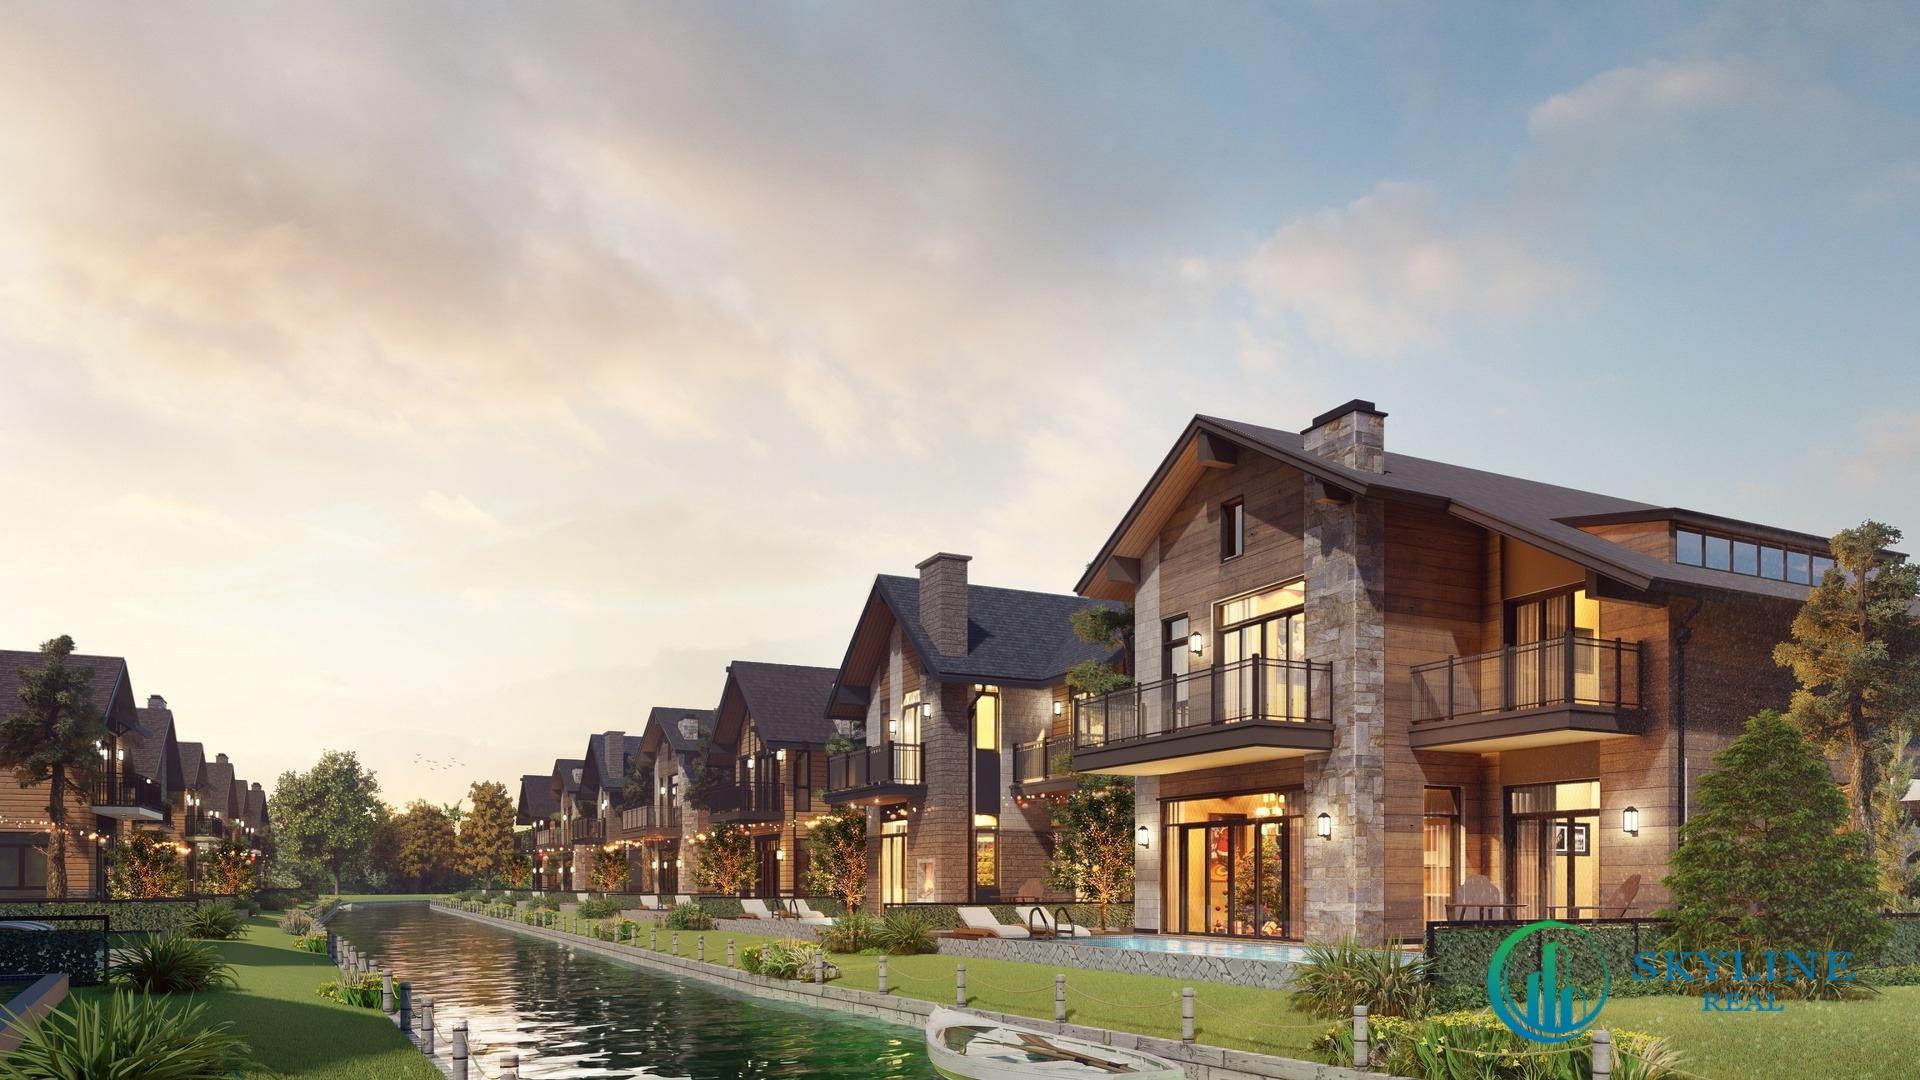 Phong cách kiến trúc Tudor là không gian sống phù hợp những chủ nhân có tâm hồn lãng mạn, yêu thích sự hoài cổ